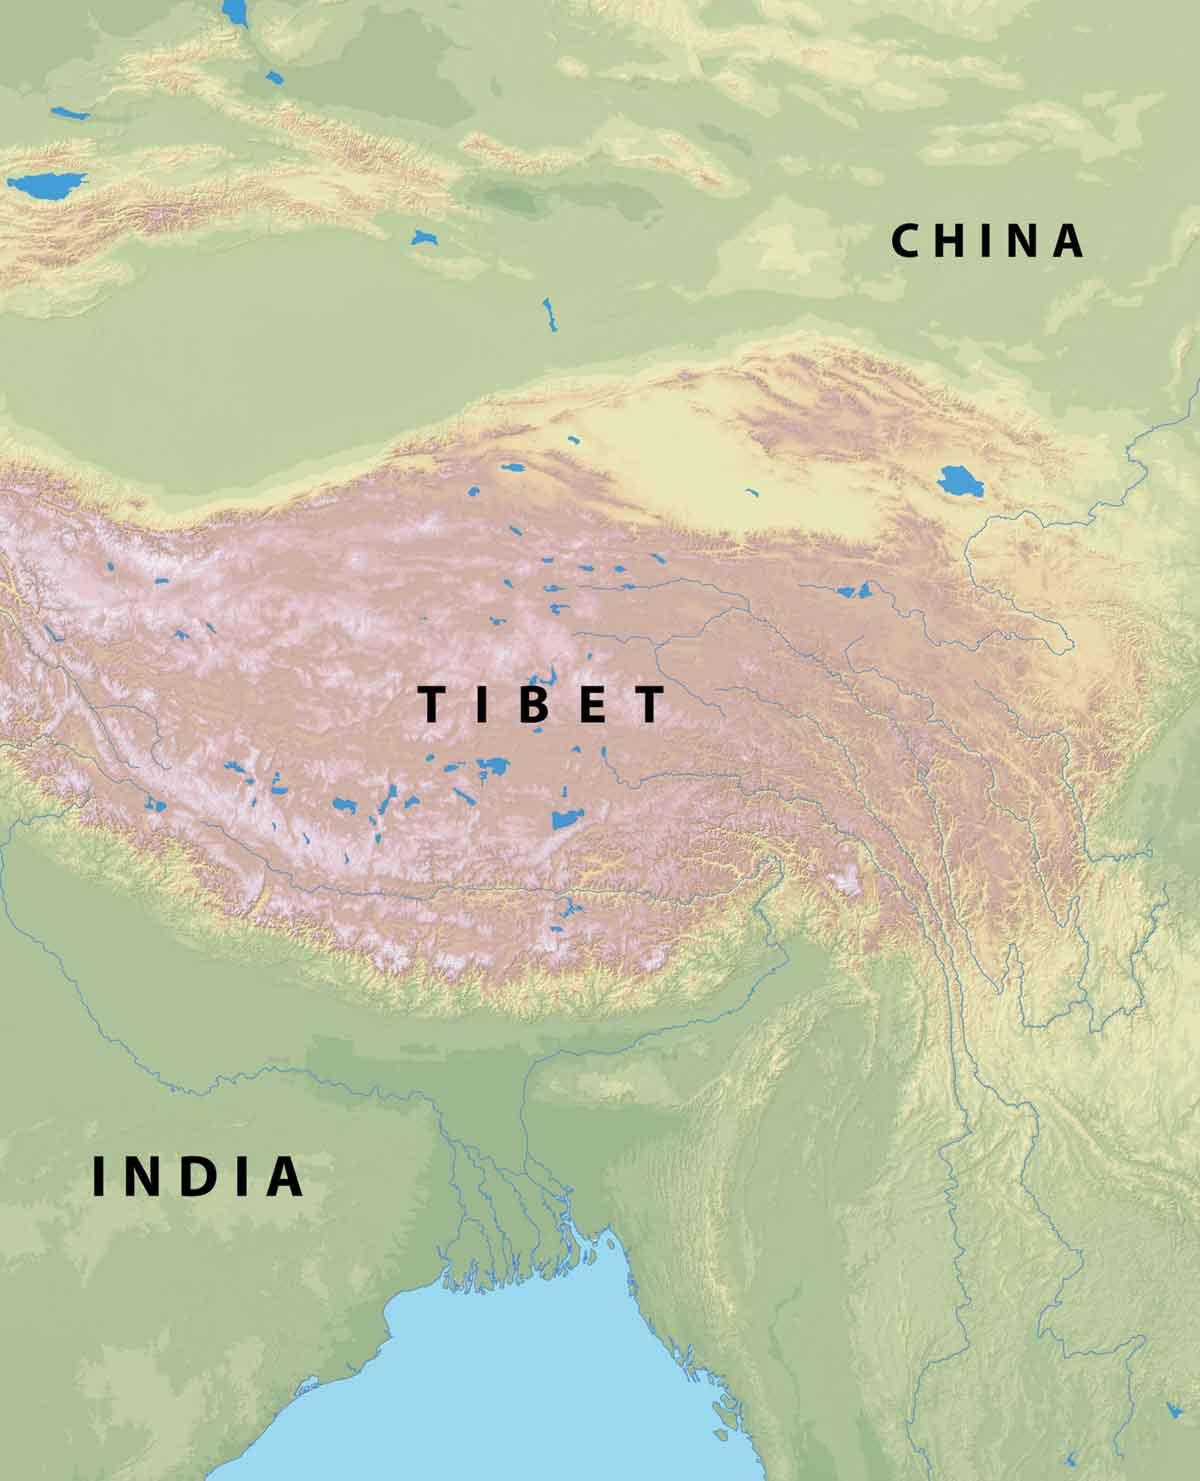 Map Of Tibet, India & China